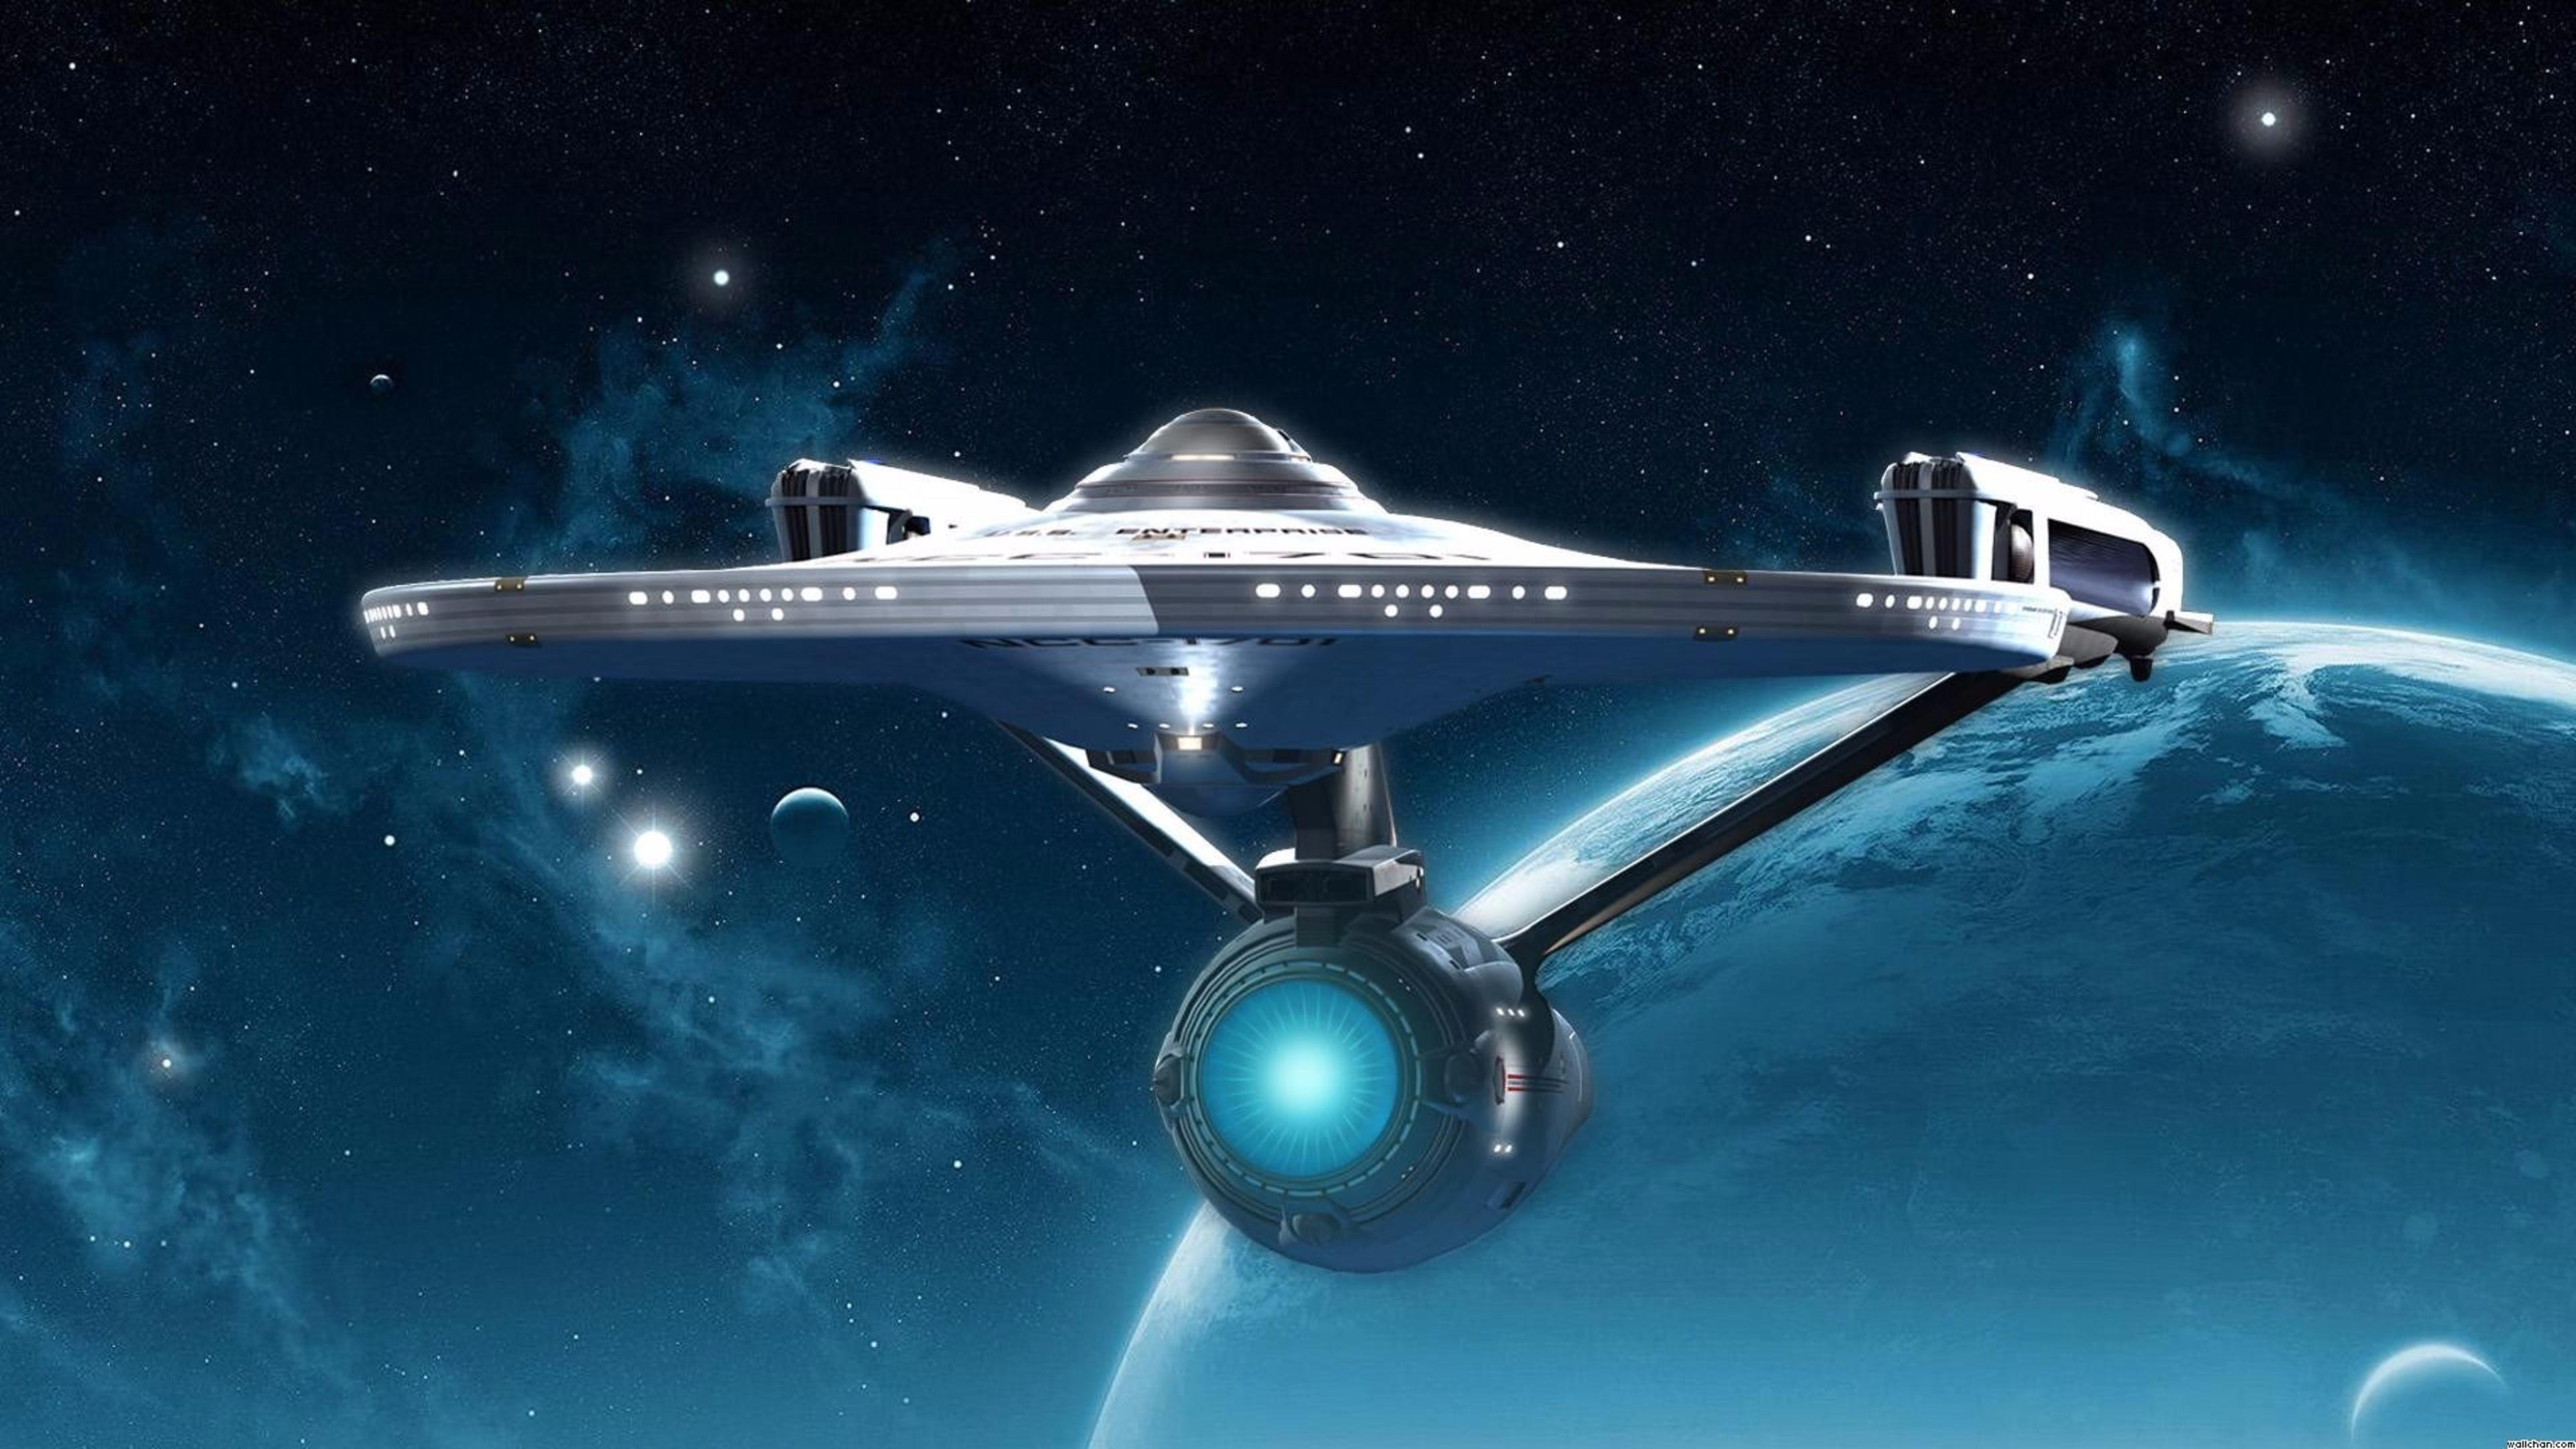 Star Trek 2009 Wallpapers – Wallpaper Cave